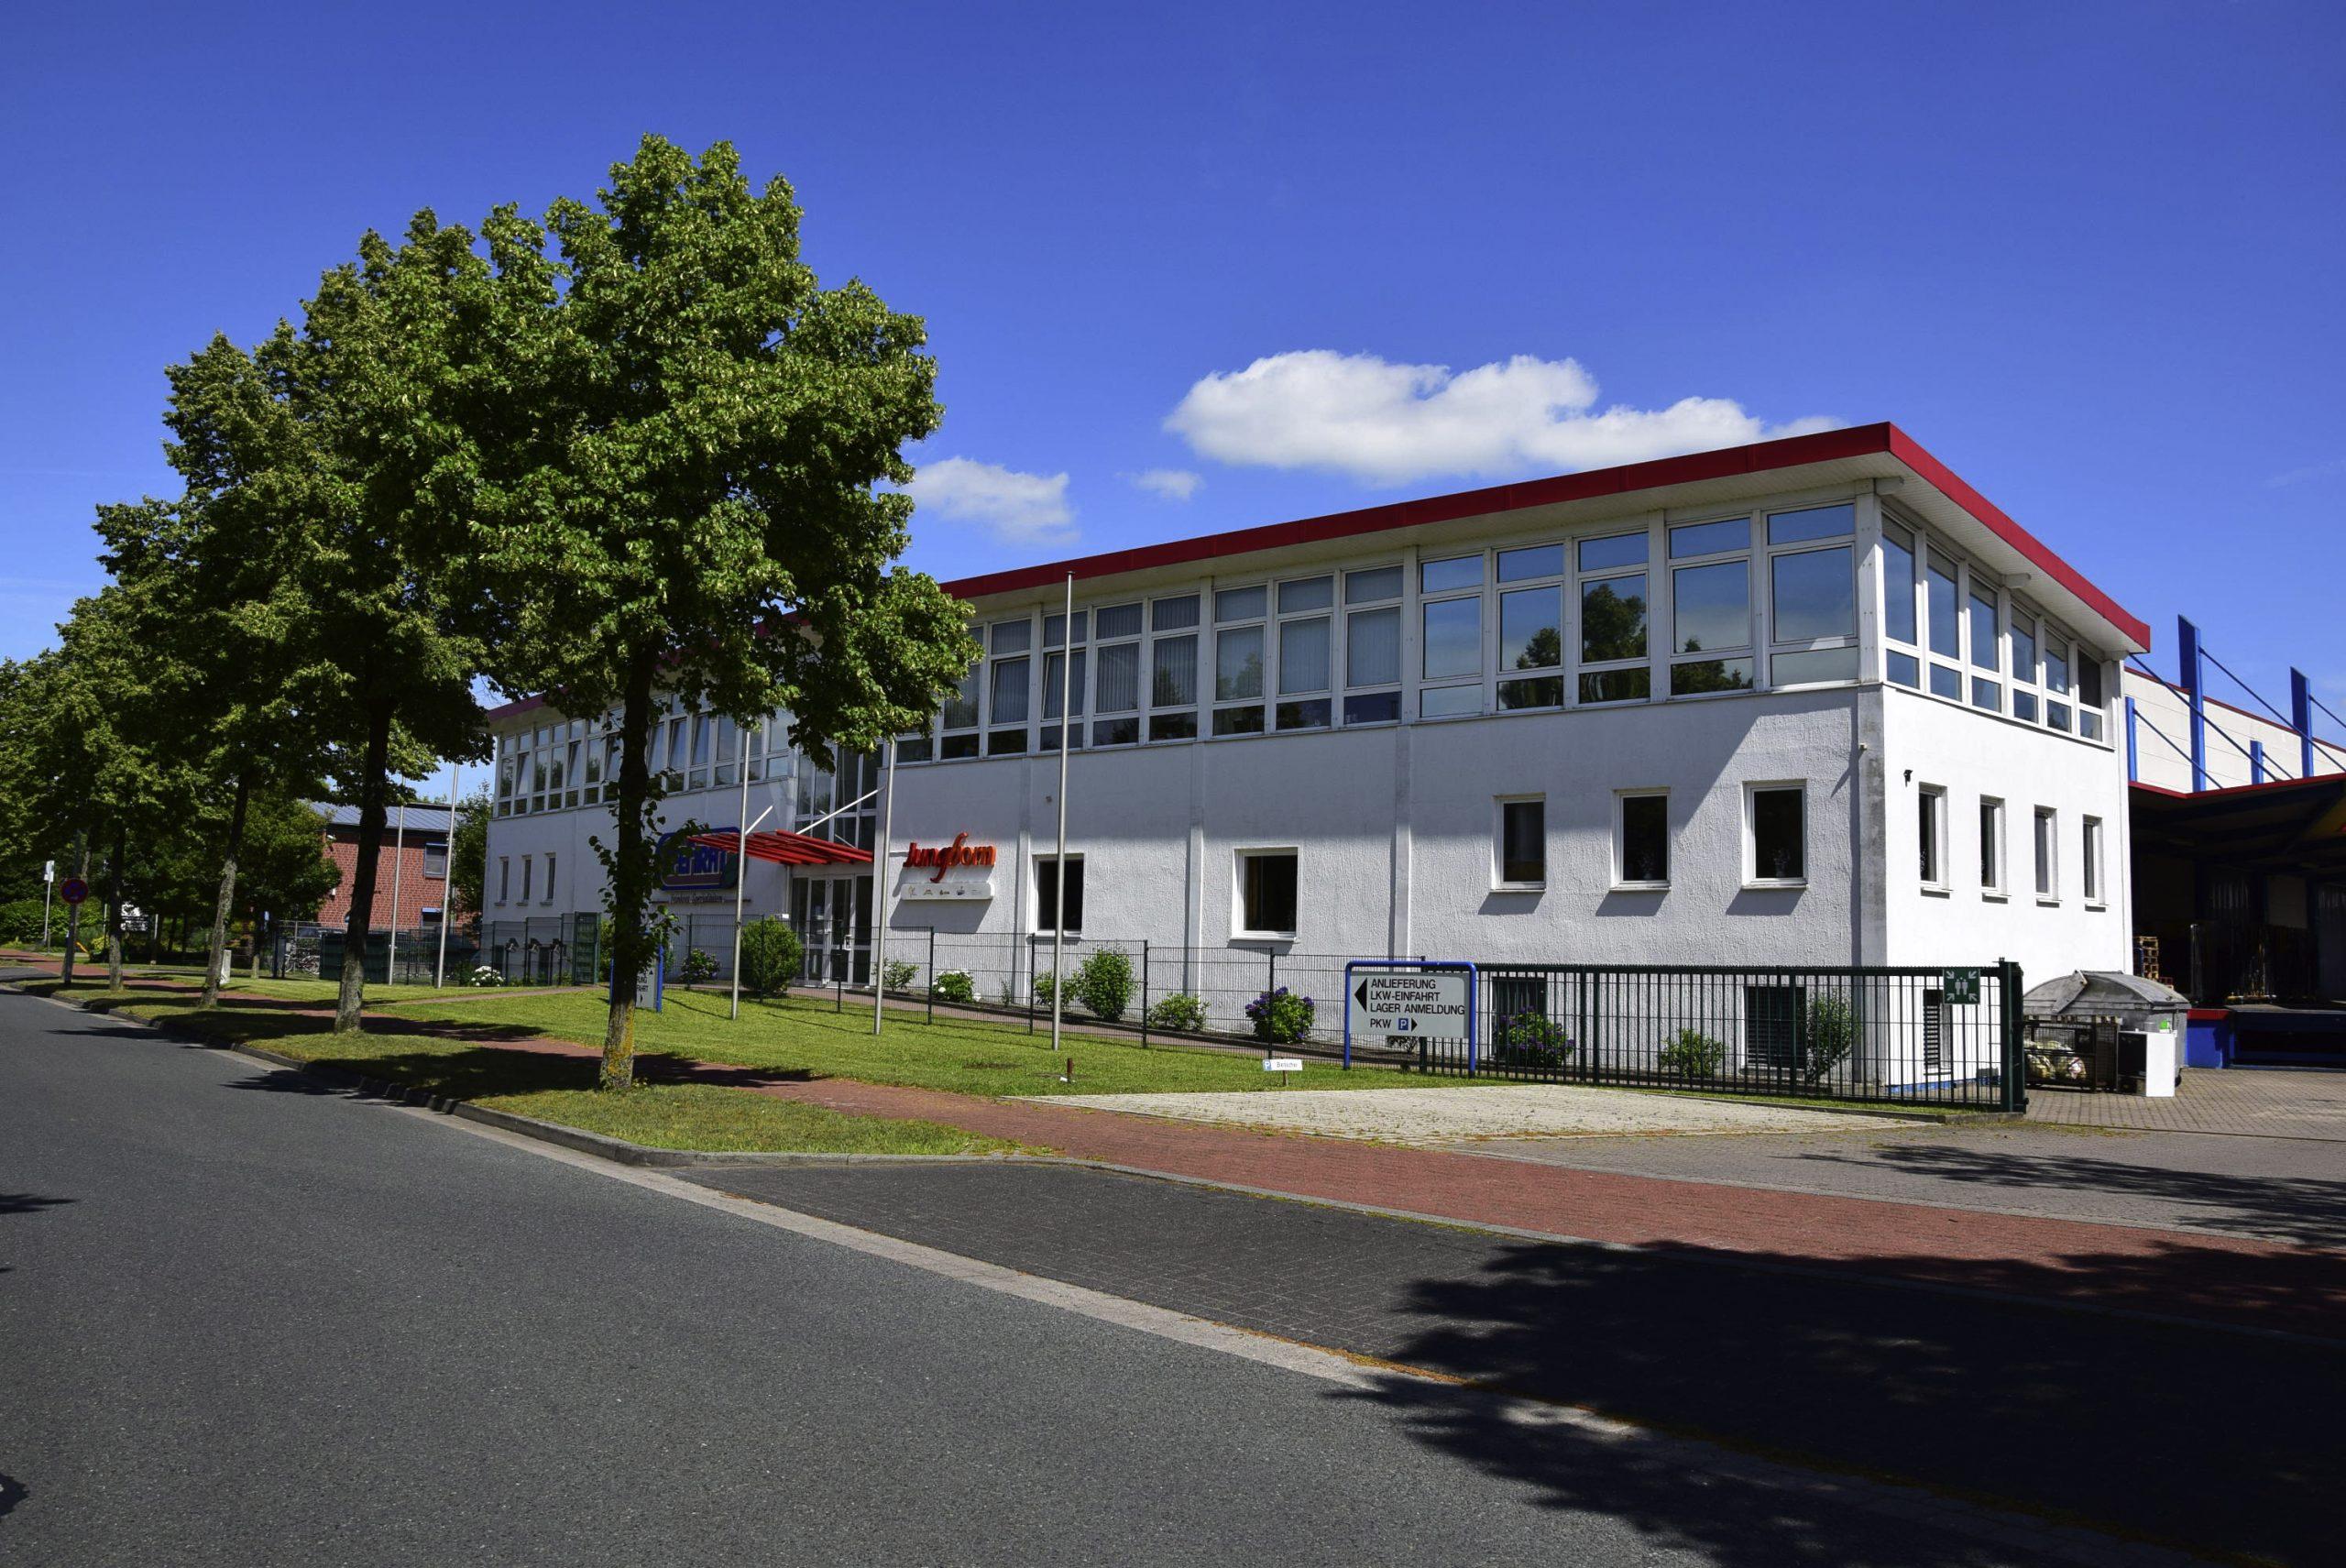 Jungborn Standort 2021